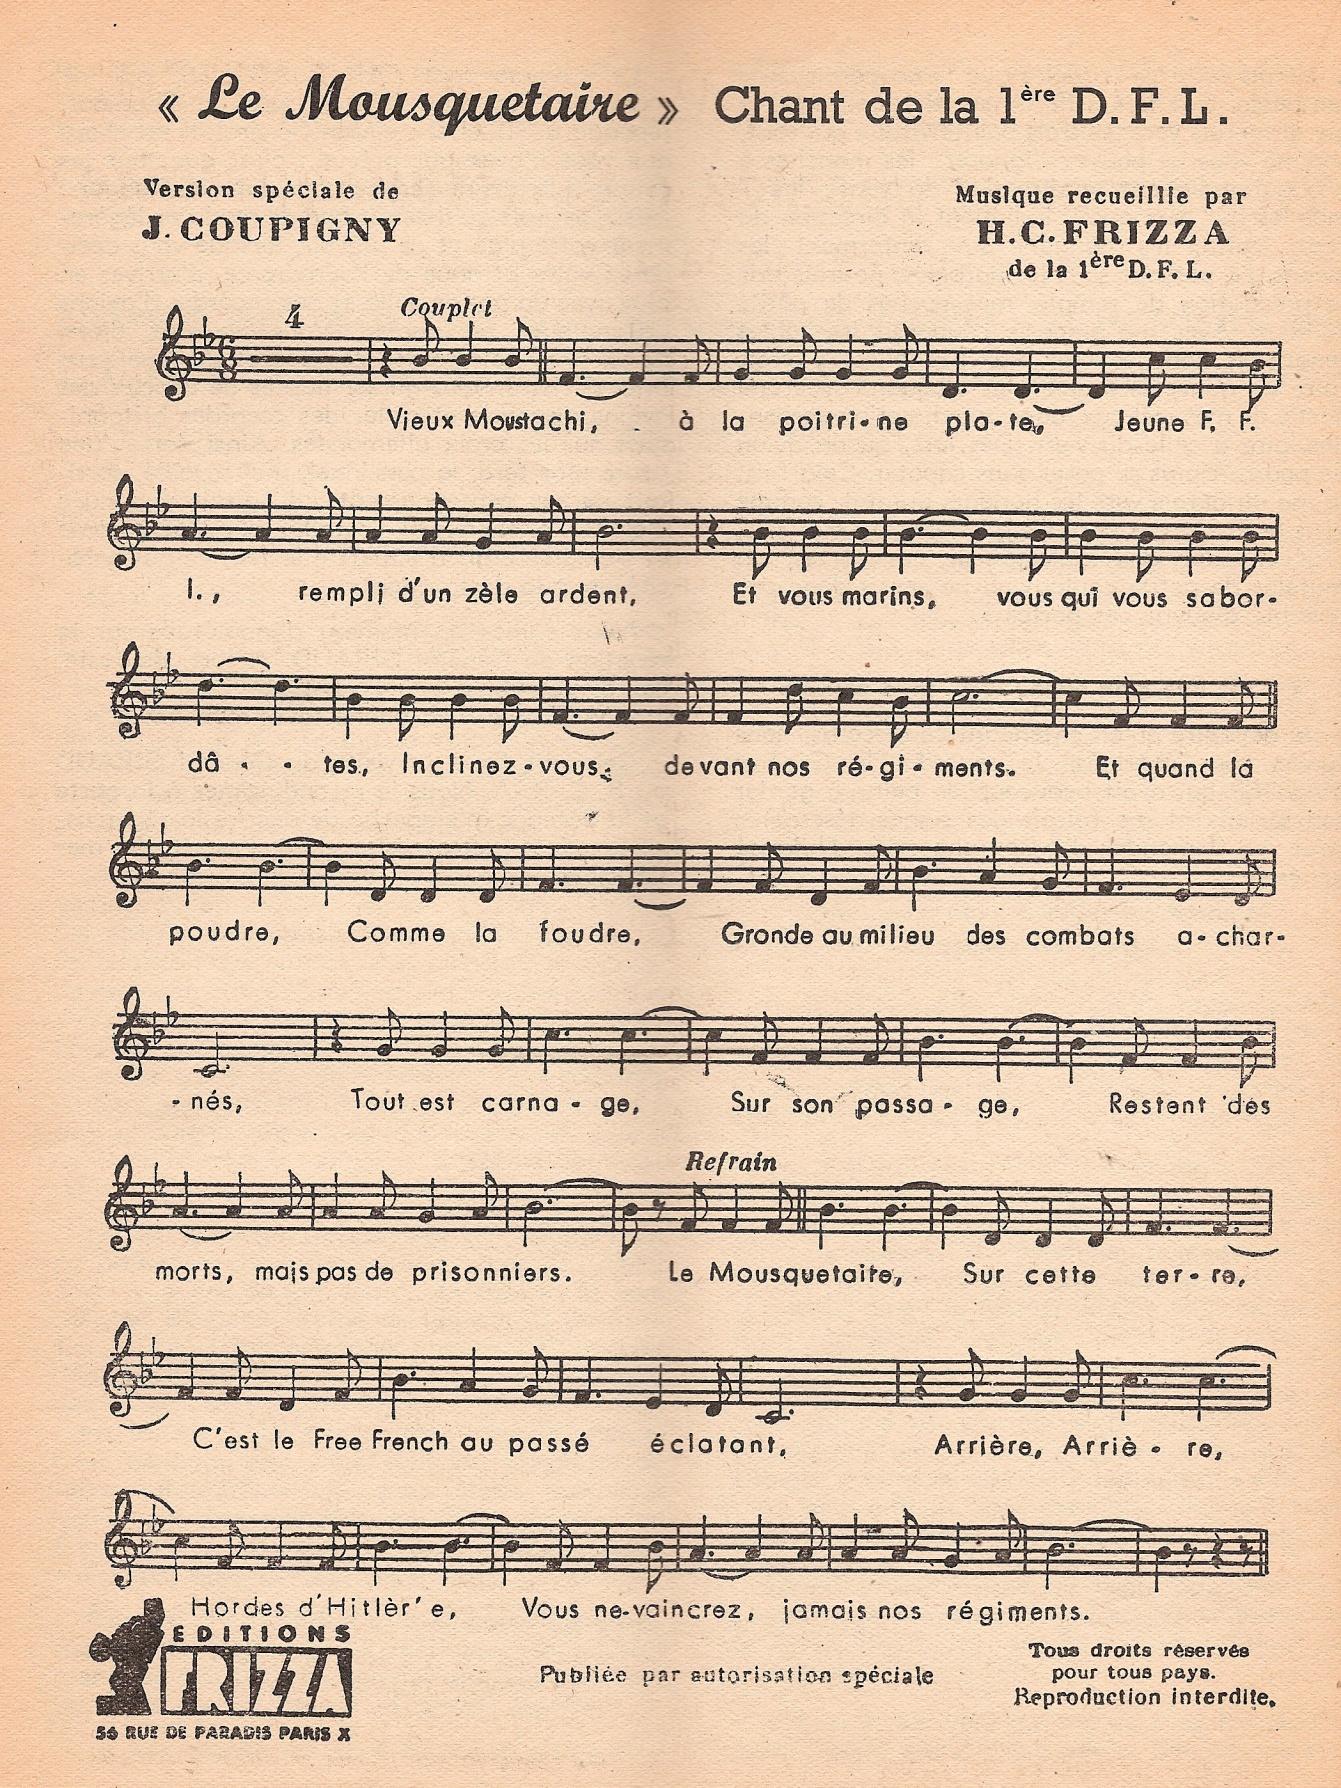 Apprenez, chantez « Le Mousquetaire », chant de la 1re D.F.L.